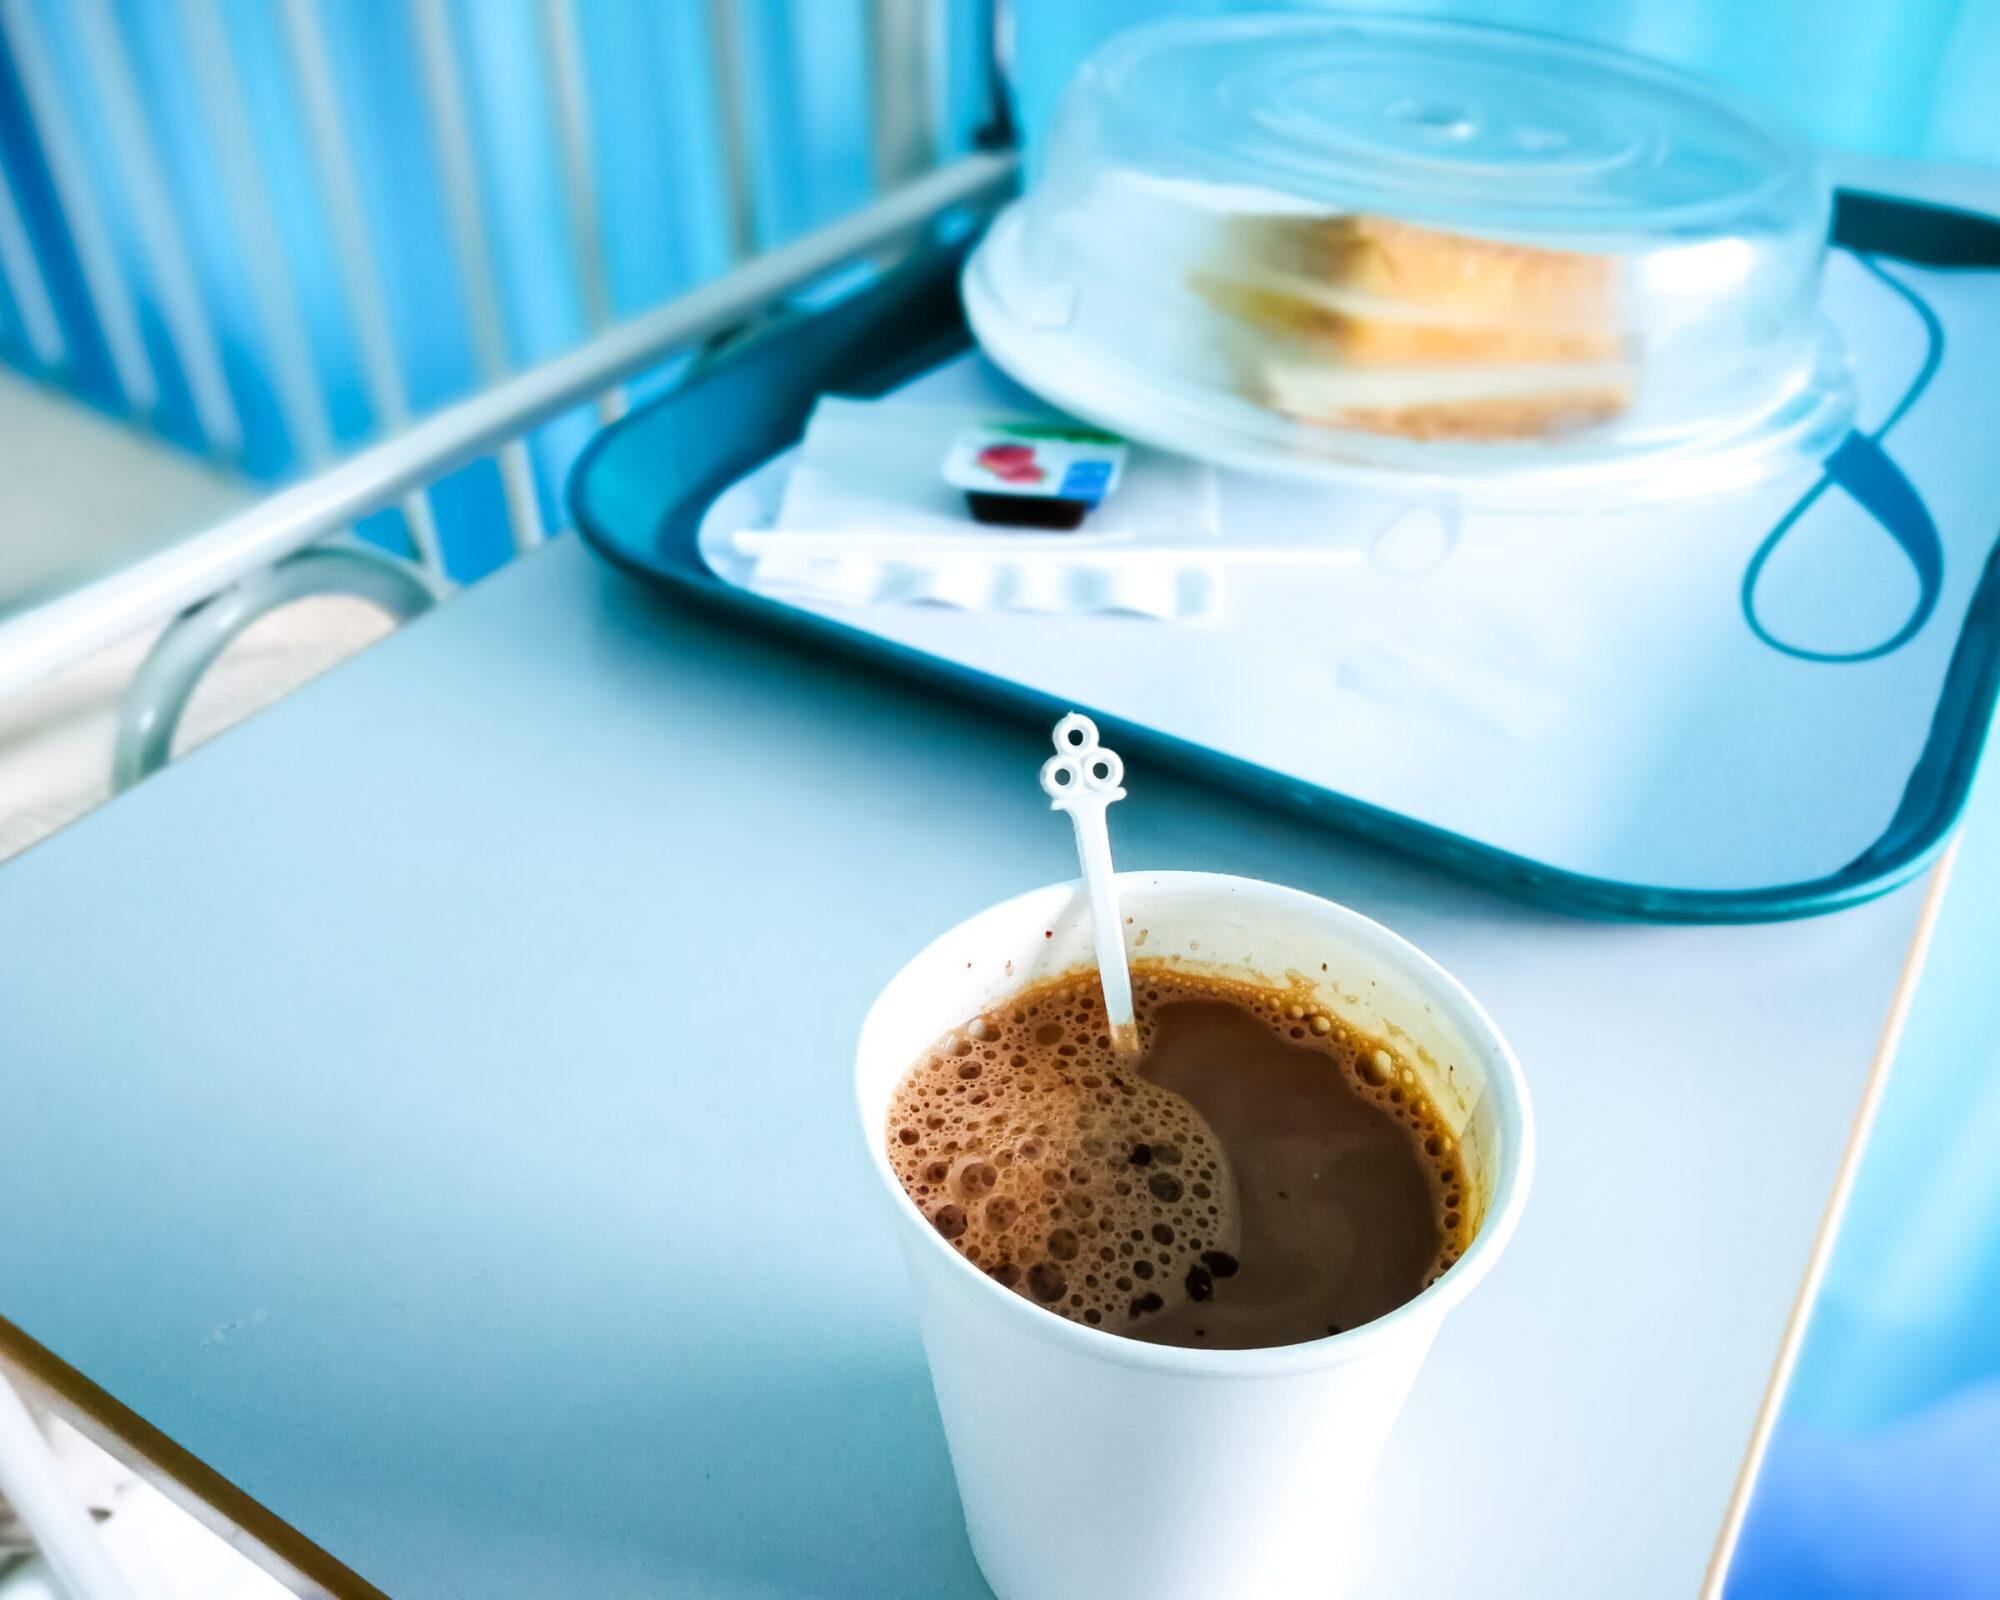 Hospital Cafe food